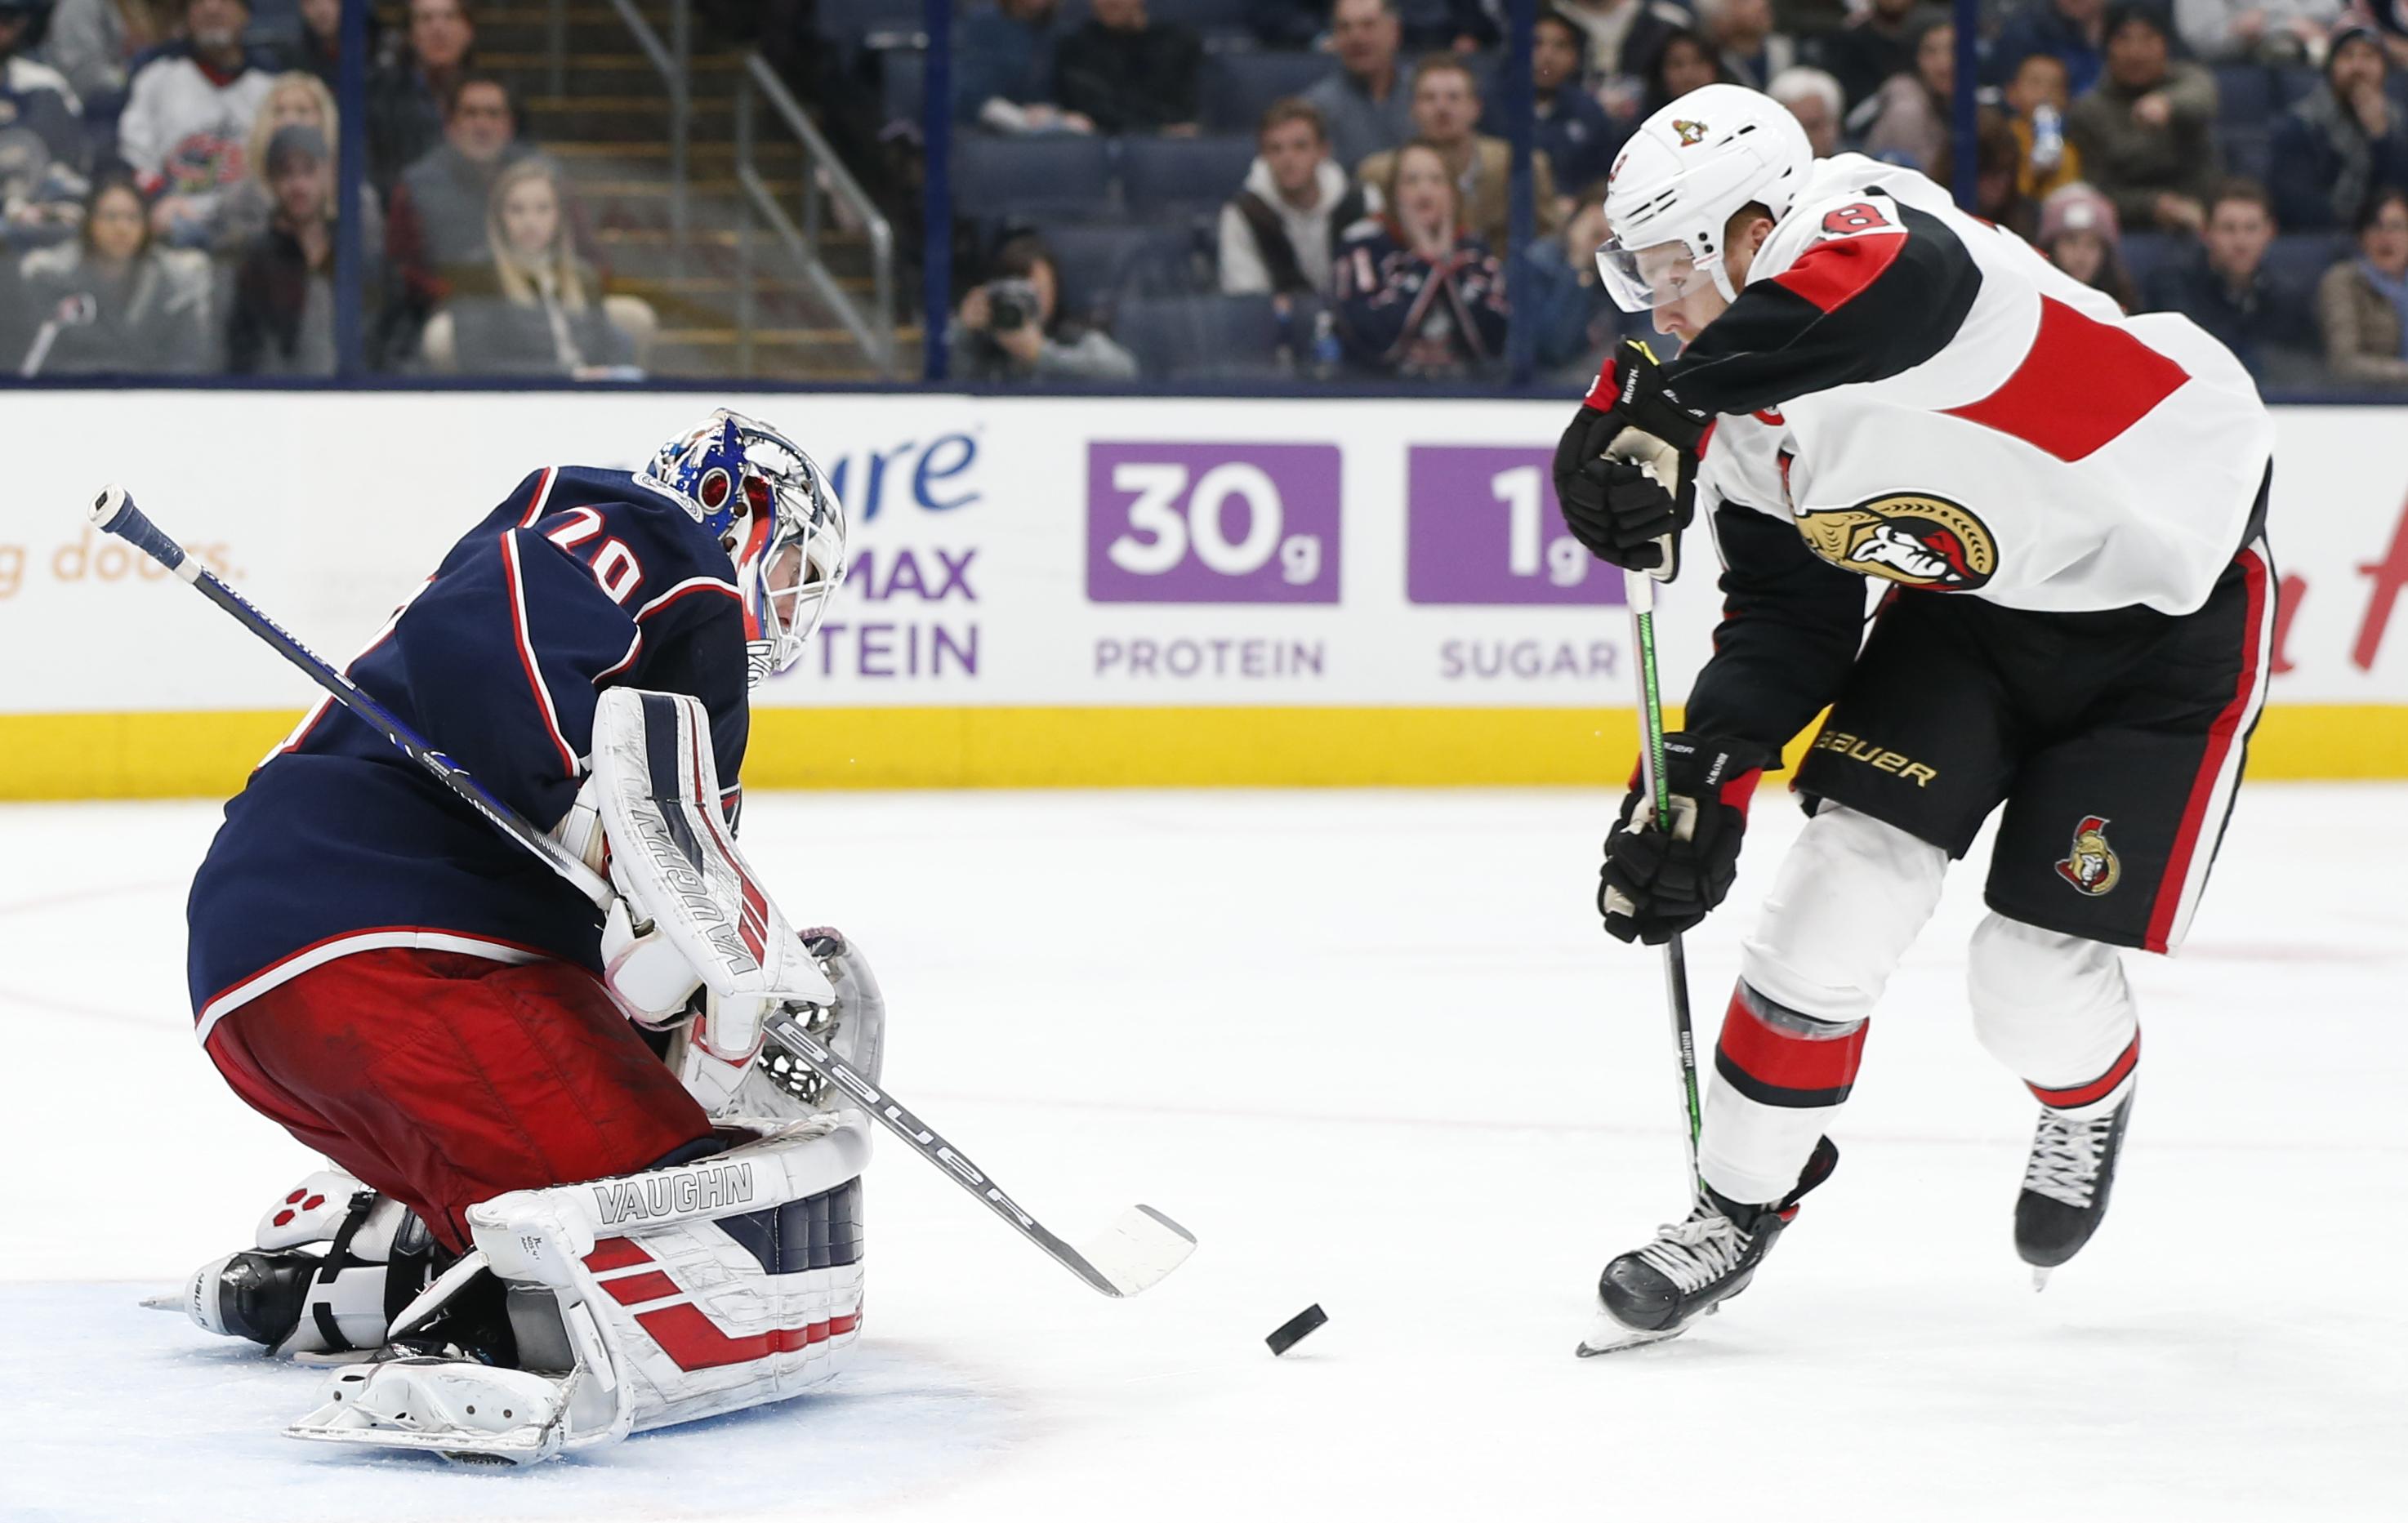 Ducks stop Islanders' team-record 17-game point streak, 3-0